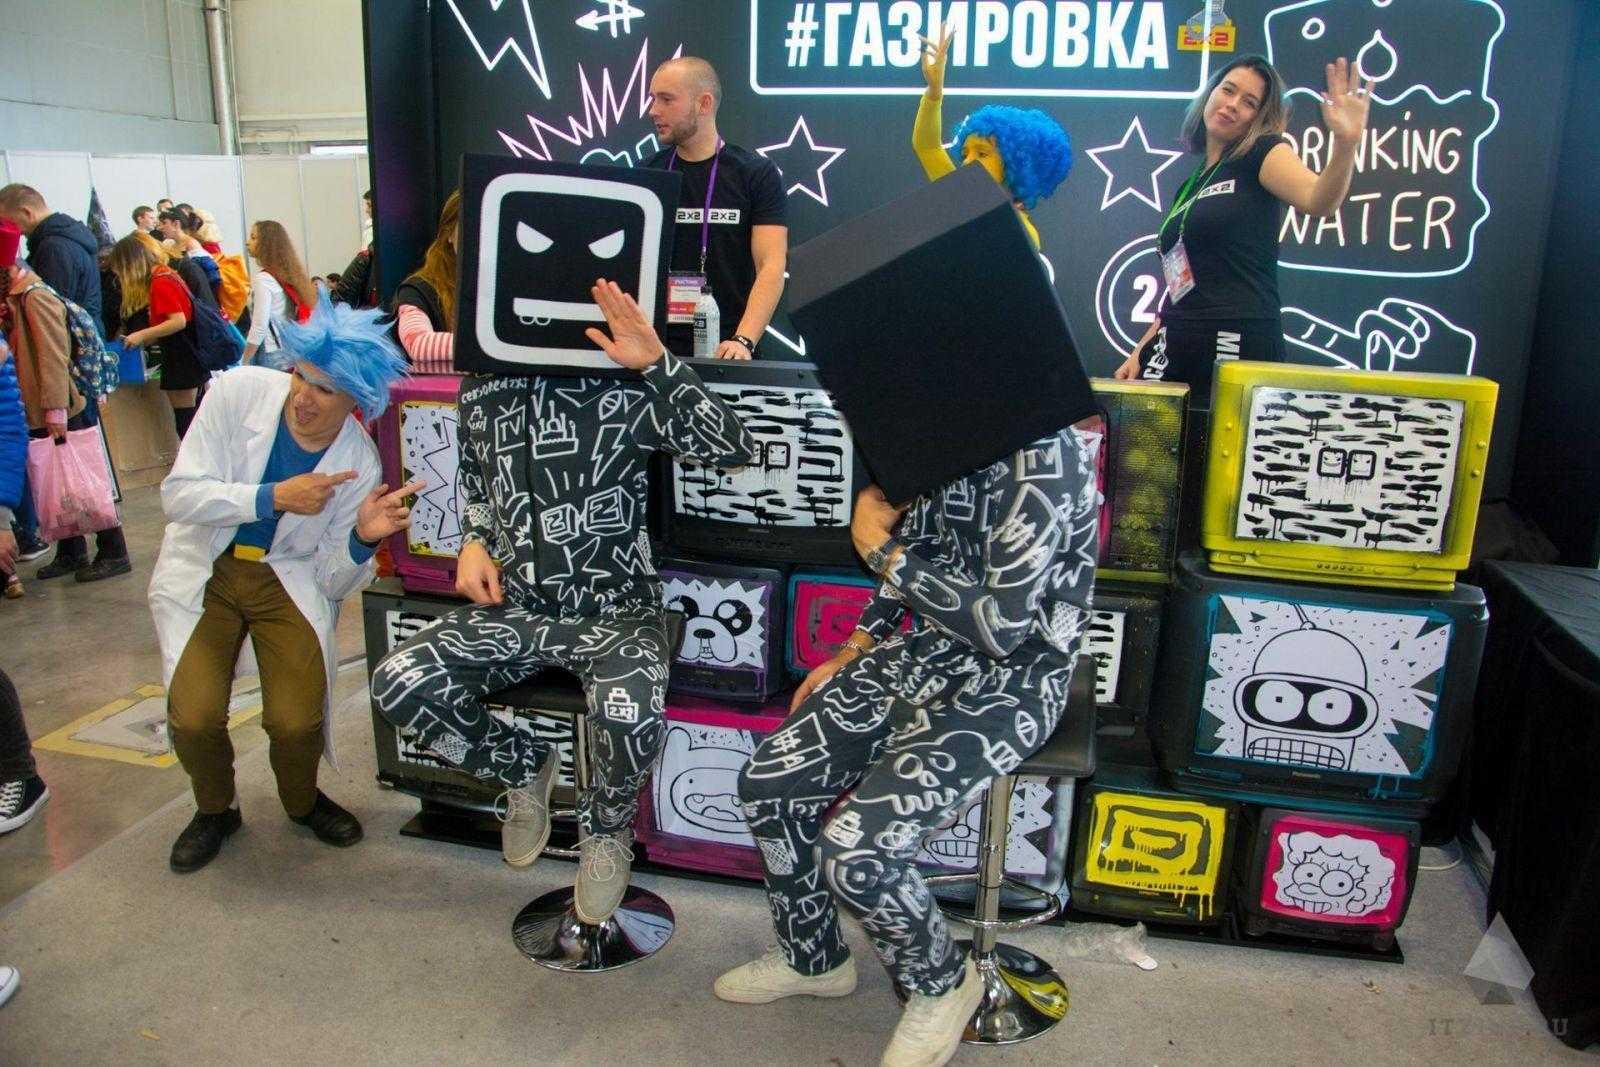 ИгроМир 2017 Comic Con Russia. Итоги (Cosplay 31 of 109)